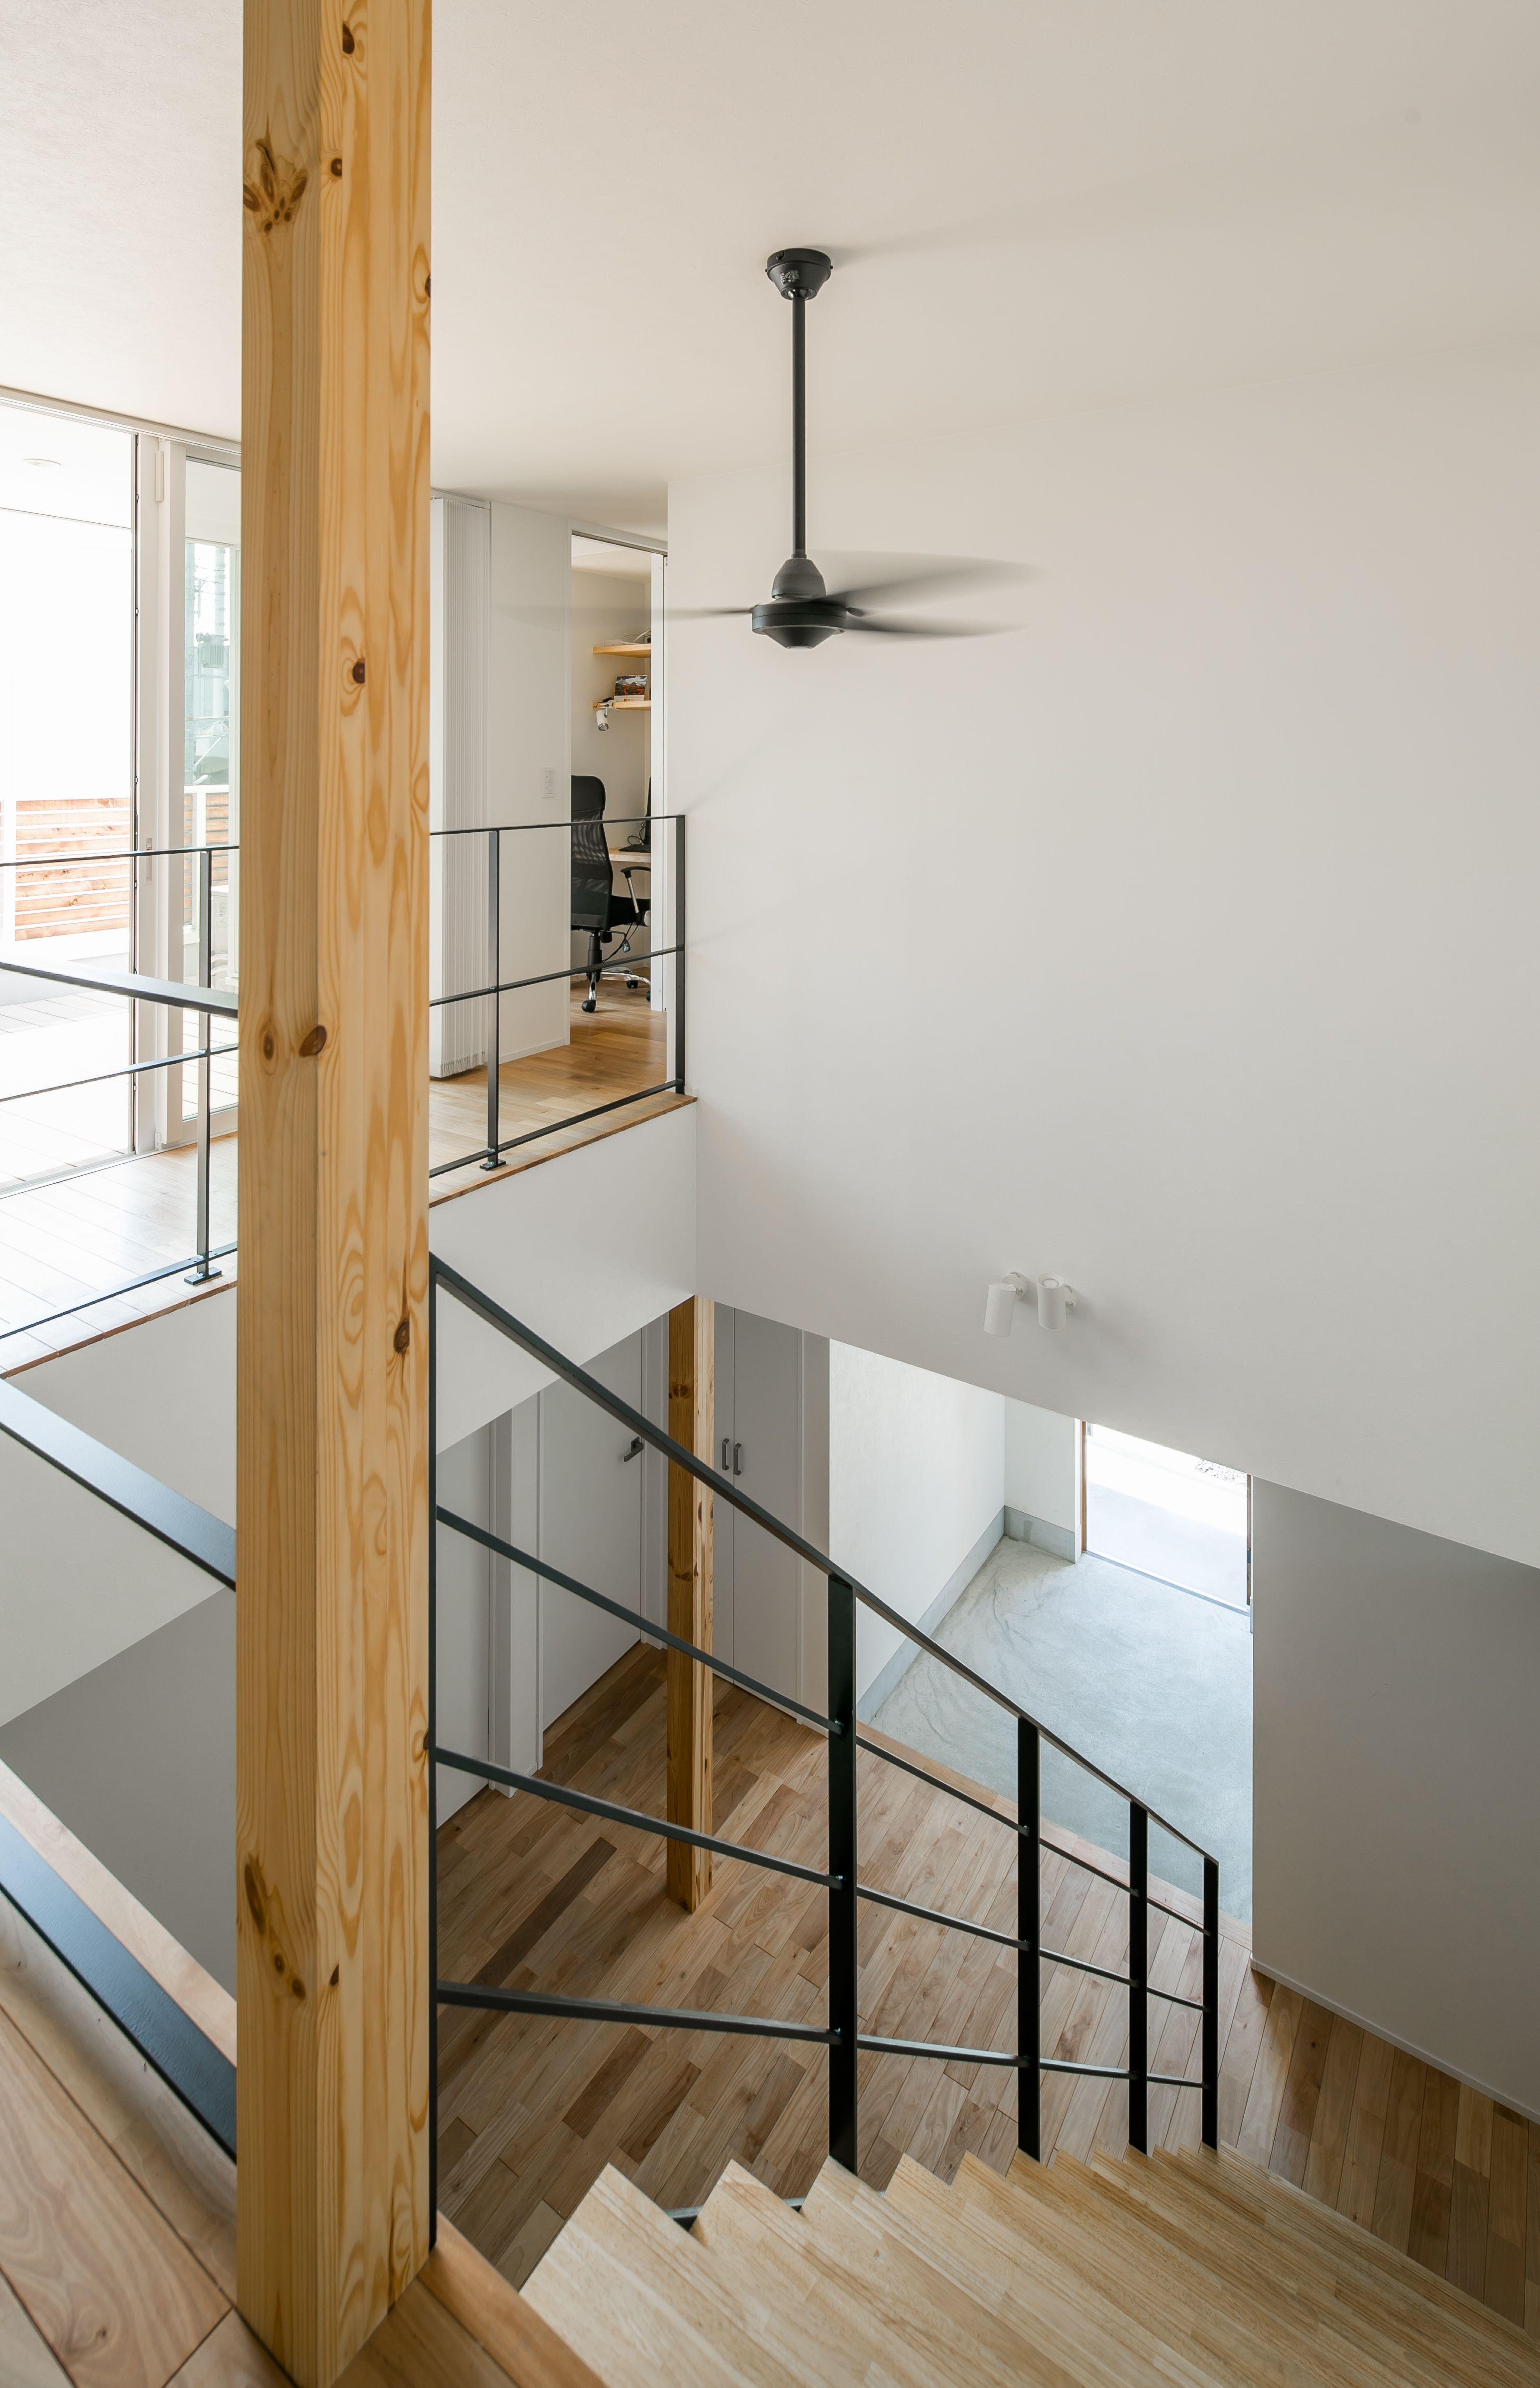 玄関から二階リビングにつながる吹き抜け ルポハウス 設計事務所